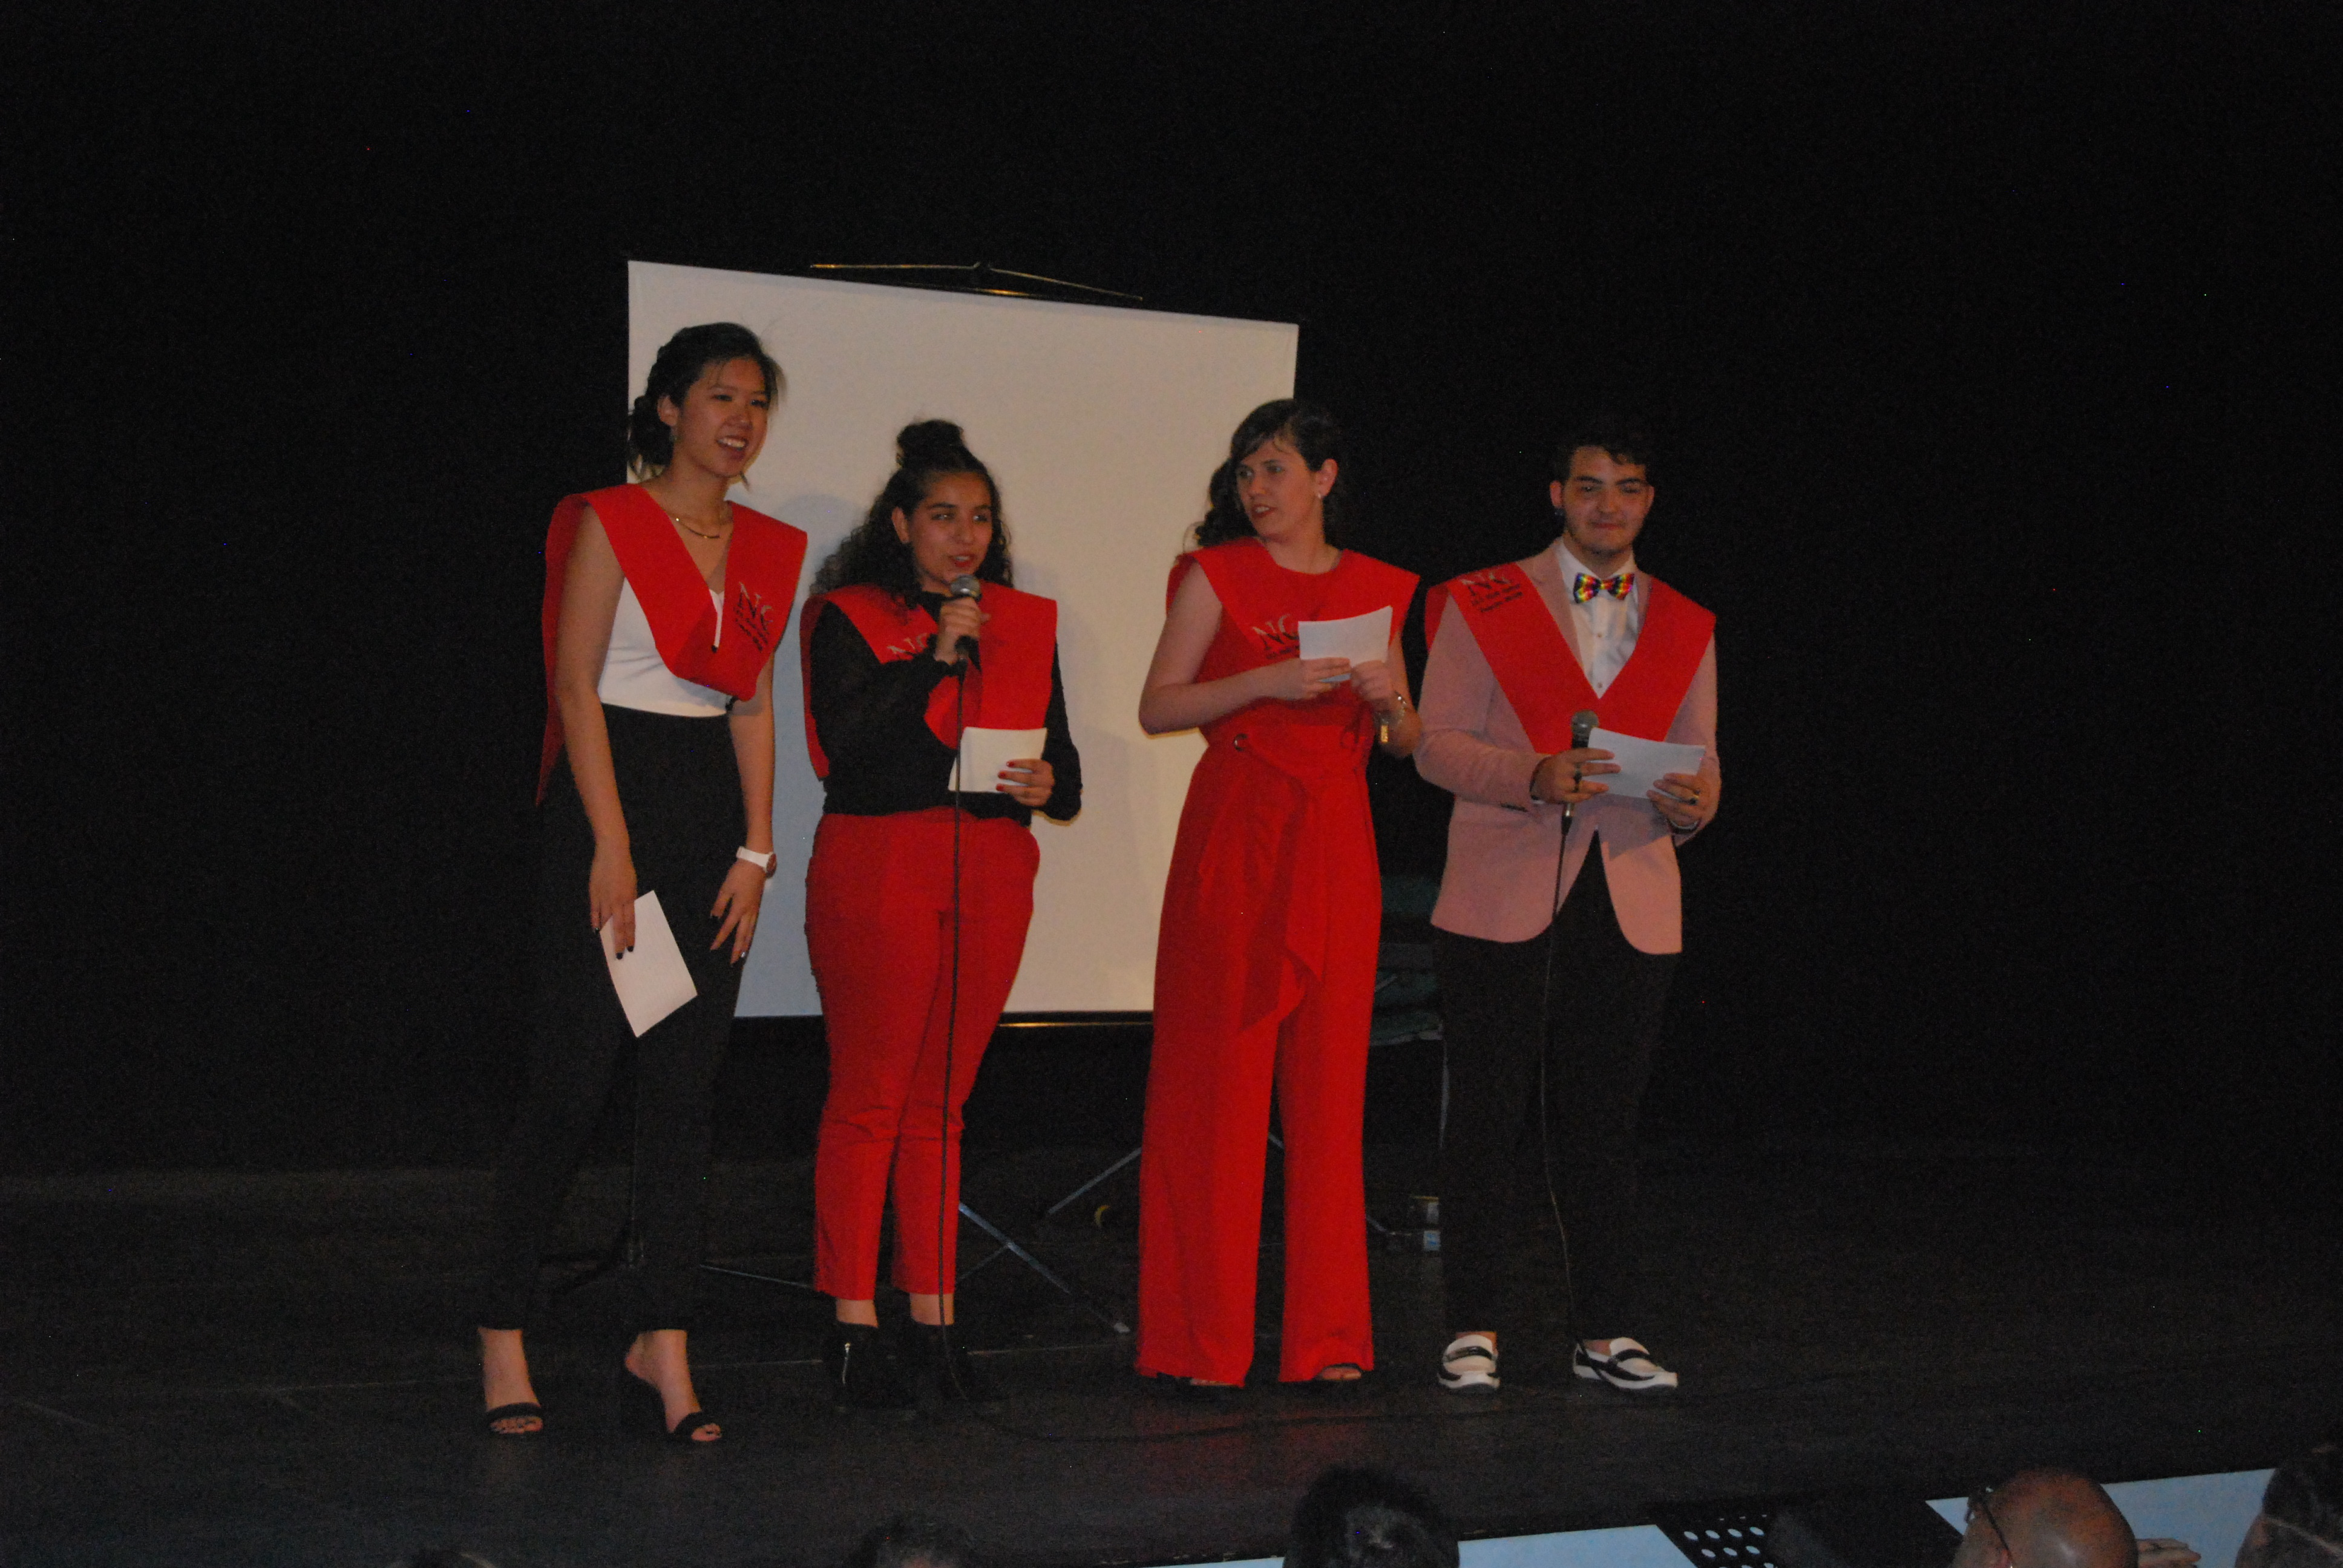 Graduación - 2º Bachillerato - Curso 2017/18 - Álbum # 6 6